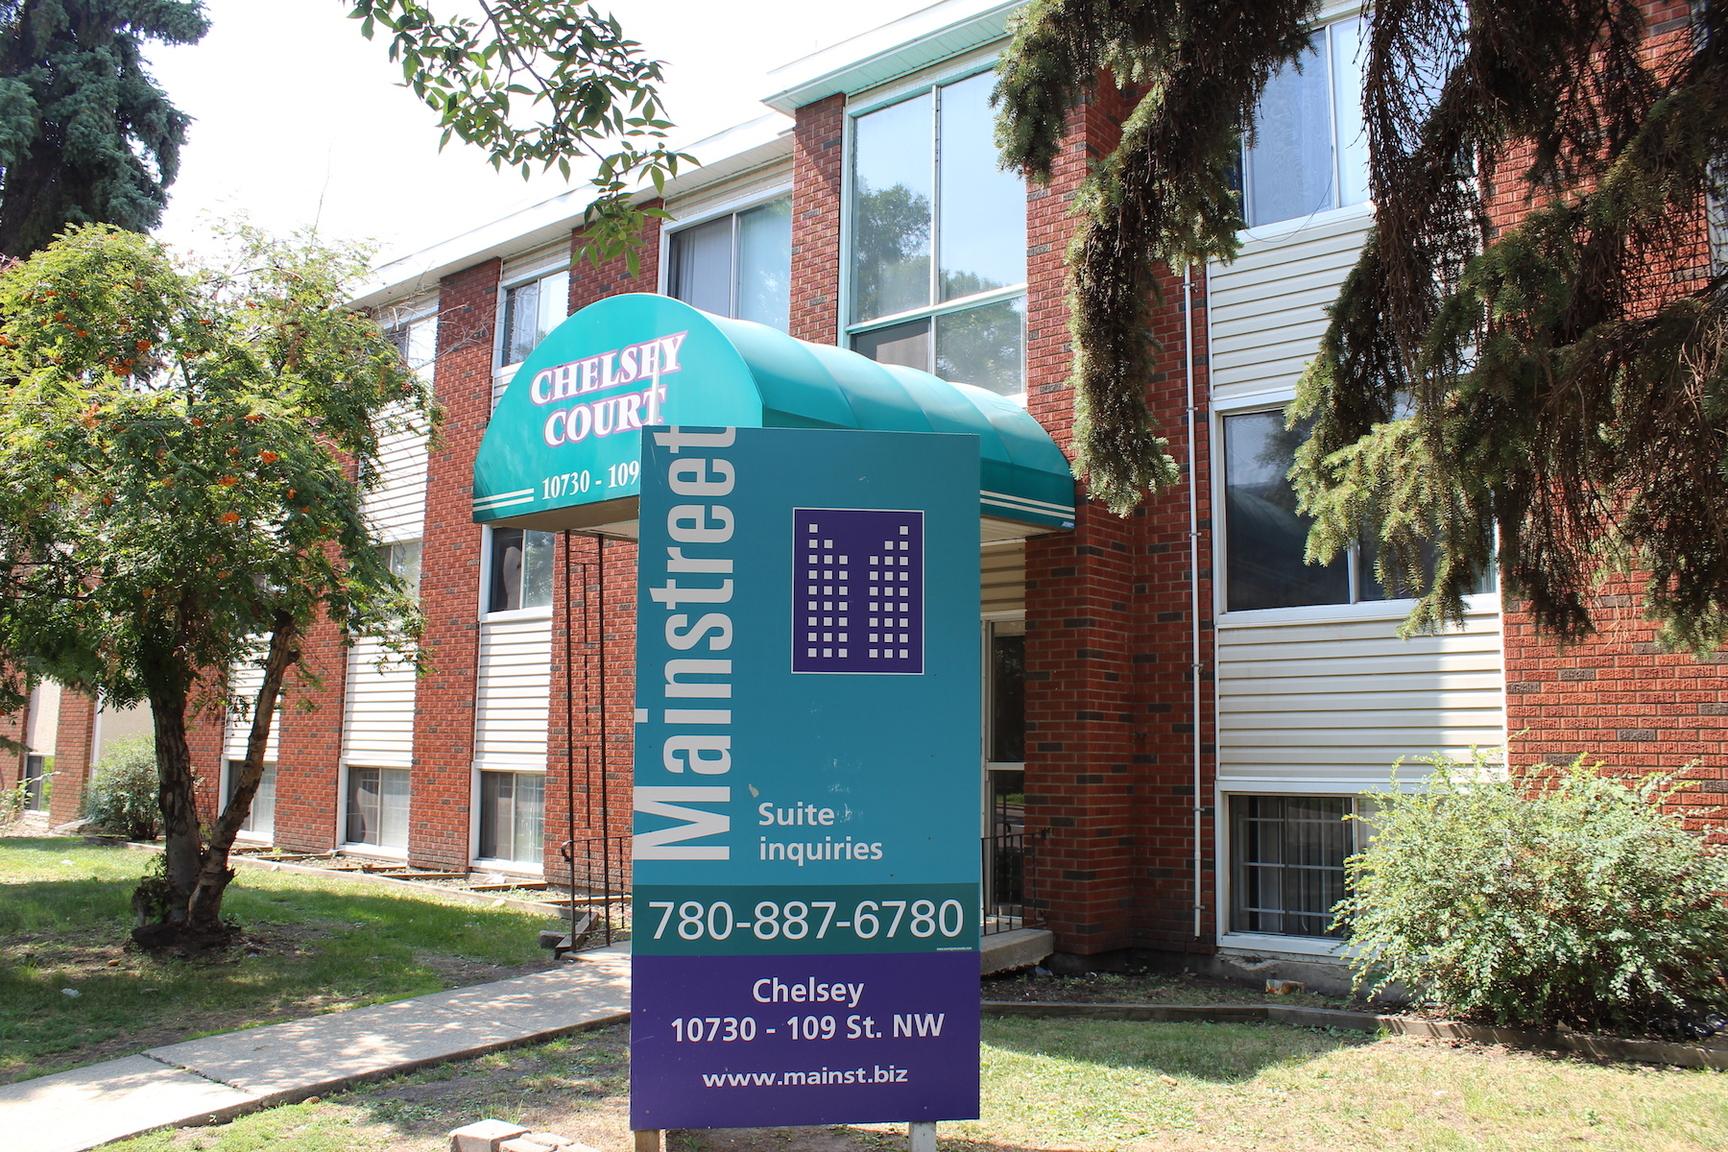 10730 109 Street NW, Edmonton, AB - $1,070